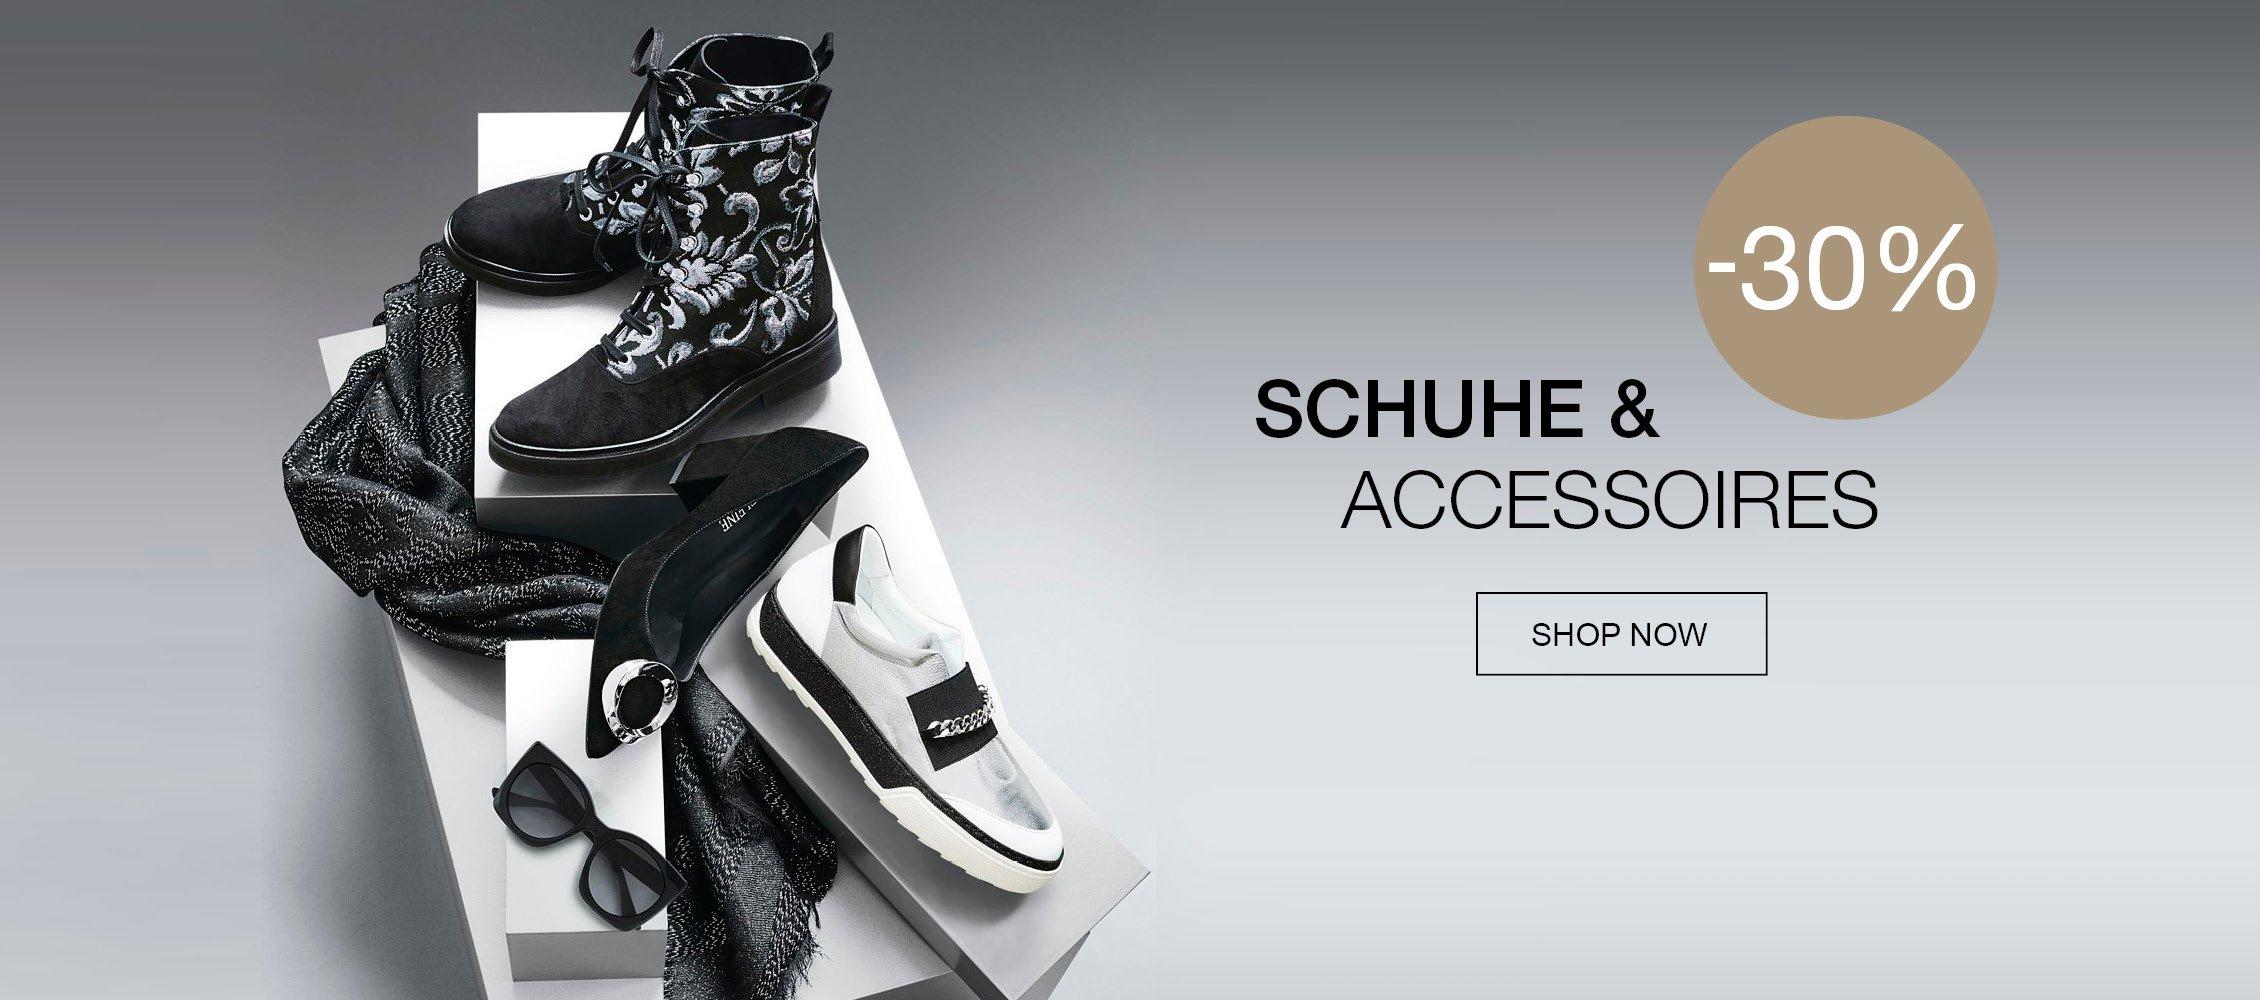 30% auf Schuhe und Accessoires